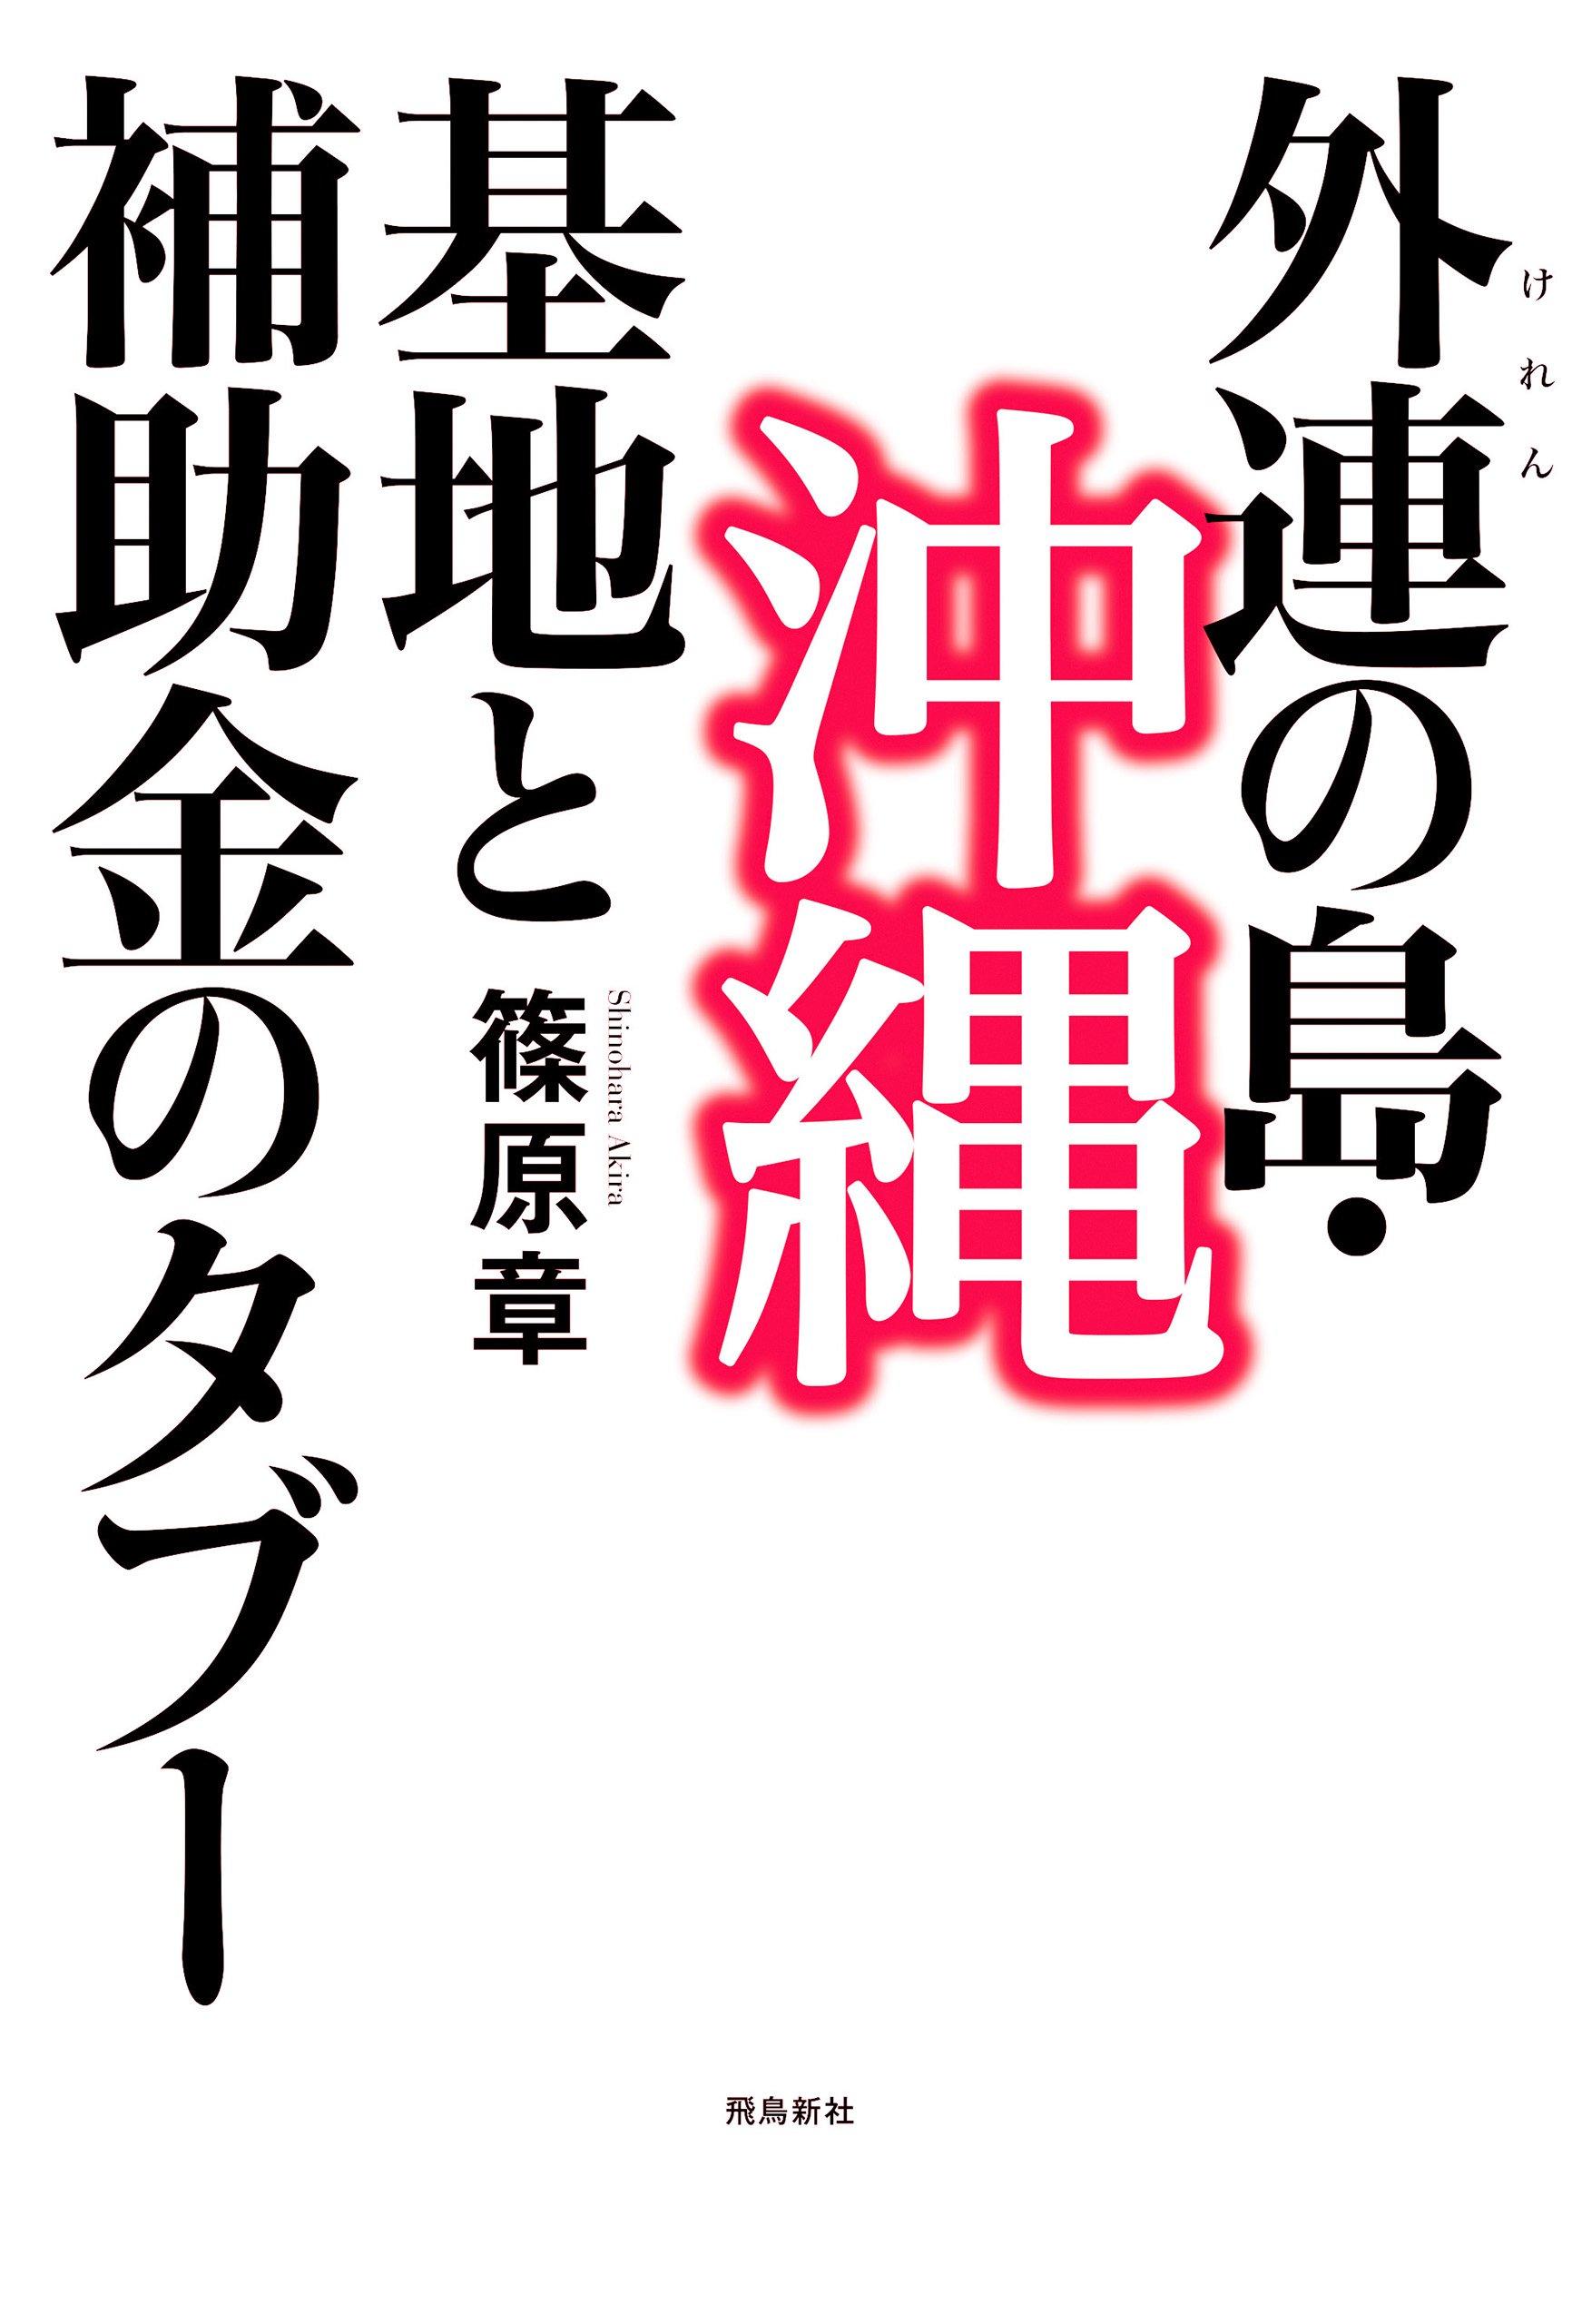 外連の島・沖縄(8月31日発売)